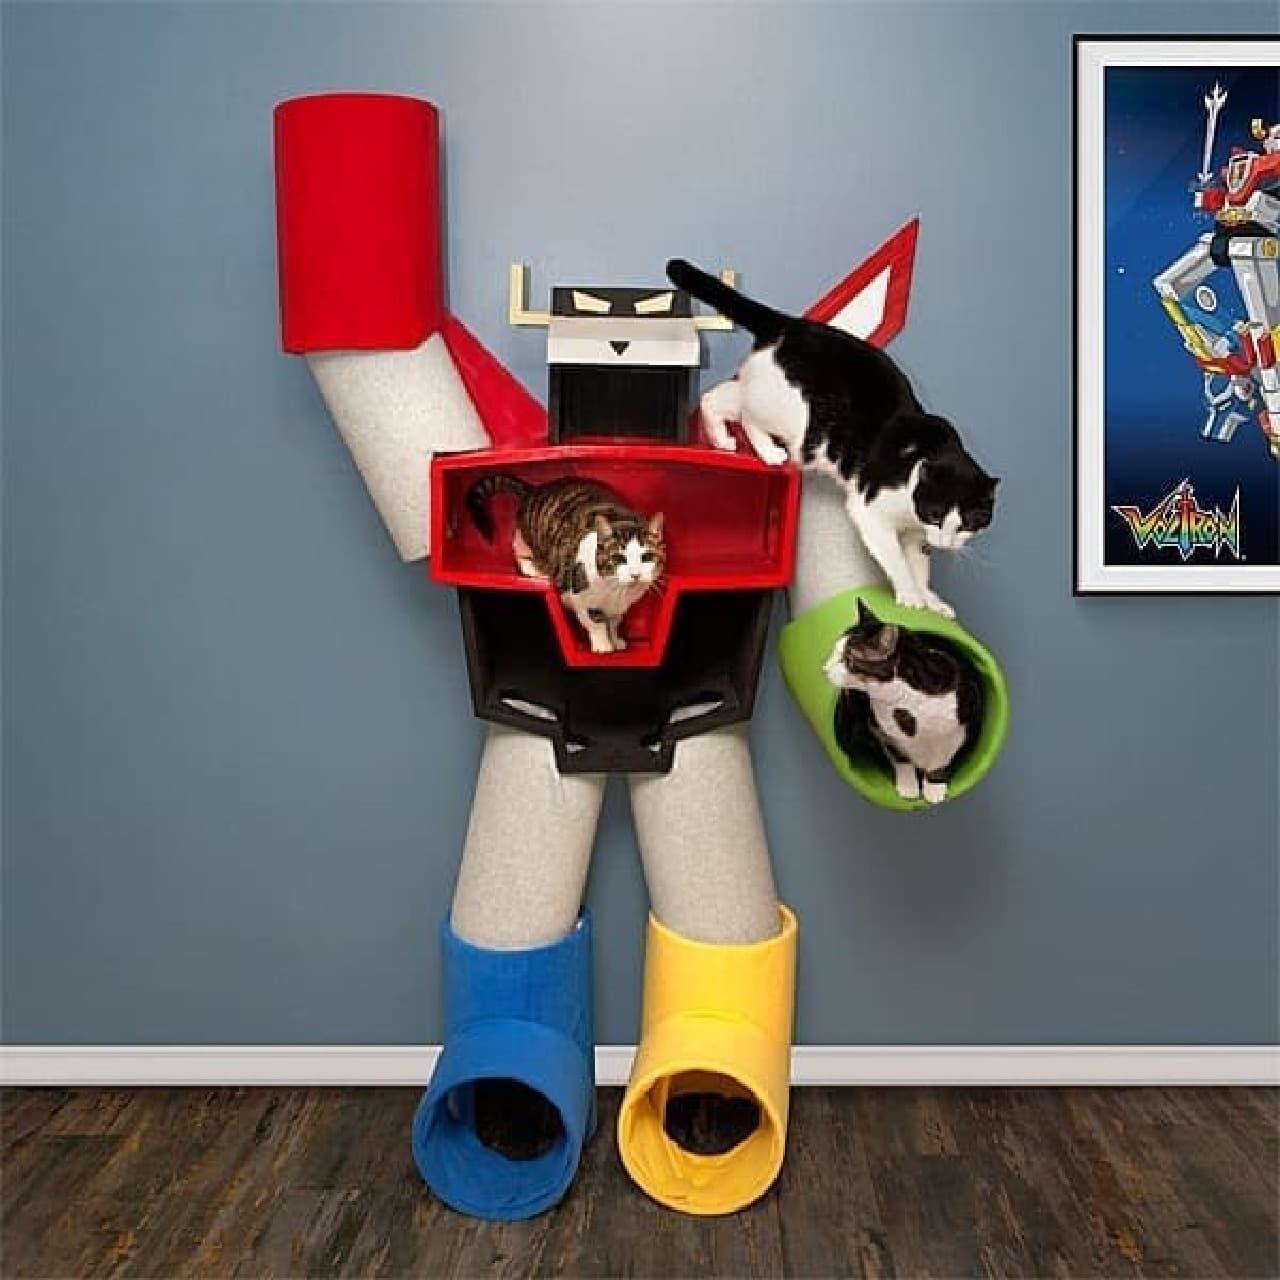 『ボルトロン』のキャットタワー「Voltron Cat Condo」